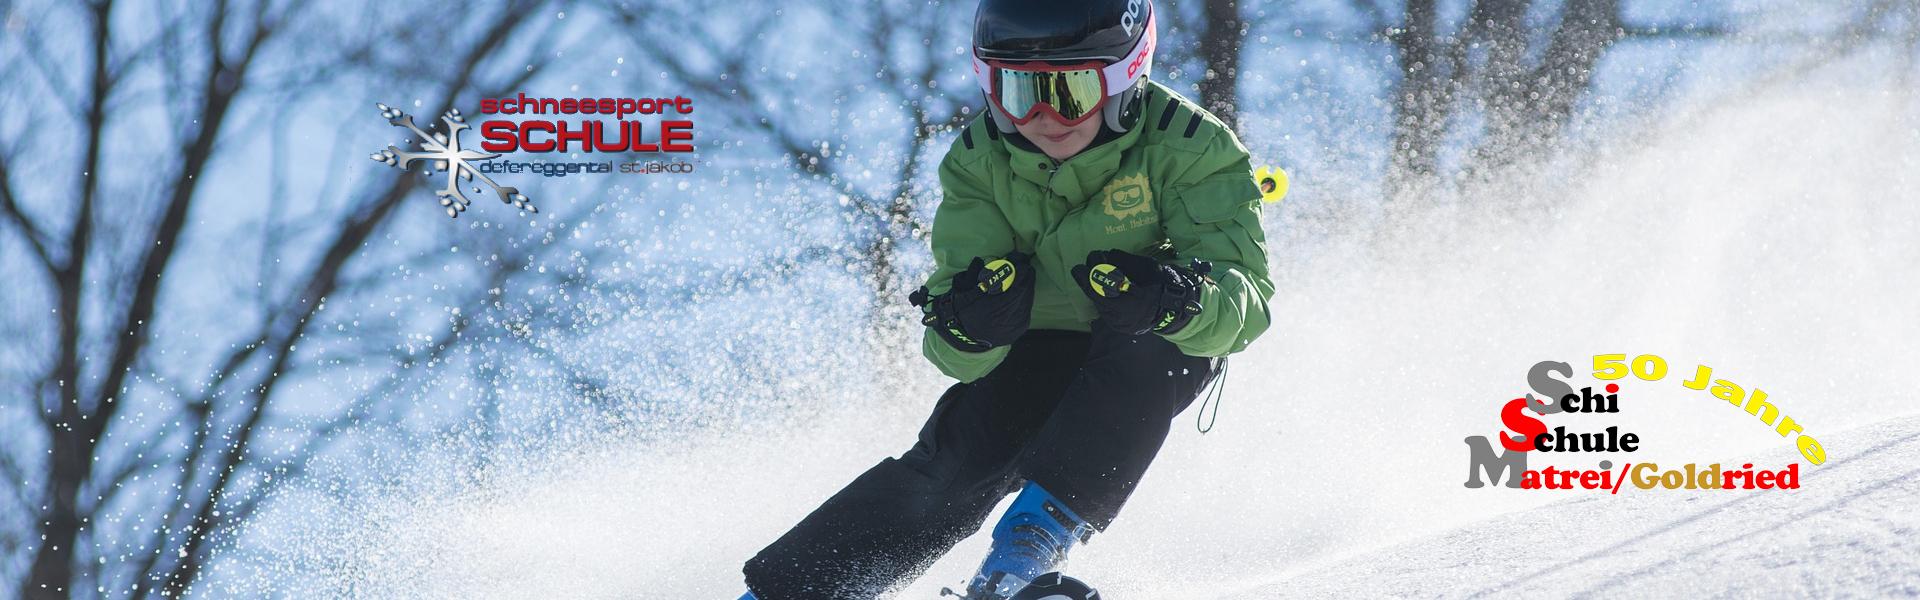 Freizeit - Skischule - Headerbild